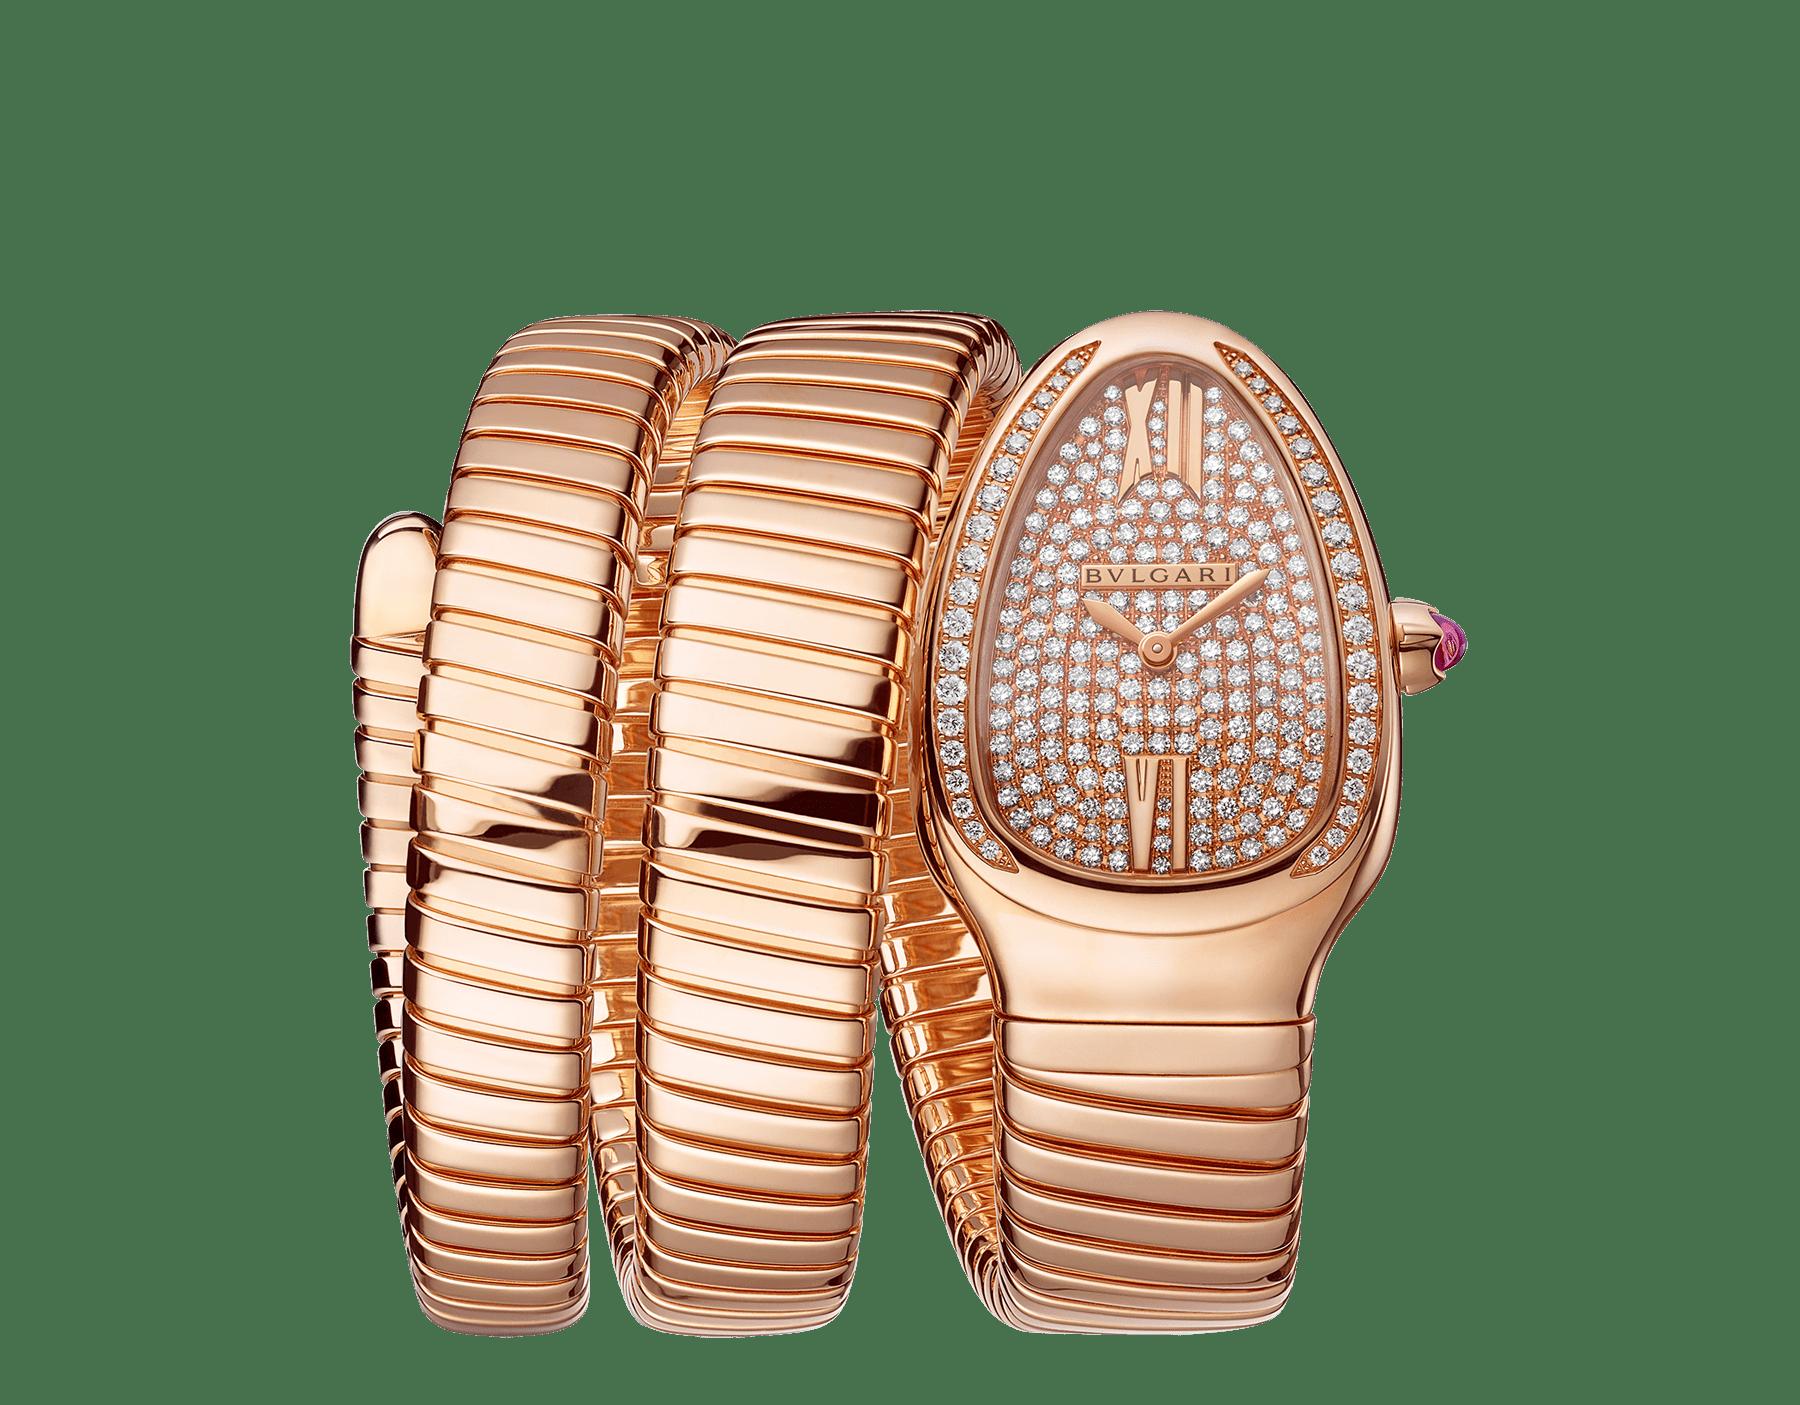 Reloj Serpenti Tubogas de dos vueltas con caja en oro rosa de 18qt con diamantes talla brillante engastados, esfera en oro rosa de 18qt con engaste integral de diamantes talla brillante y brazalete en oro rosa de 18qt. 101956 image 1